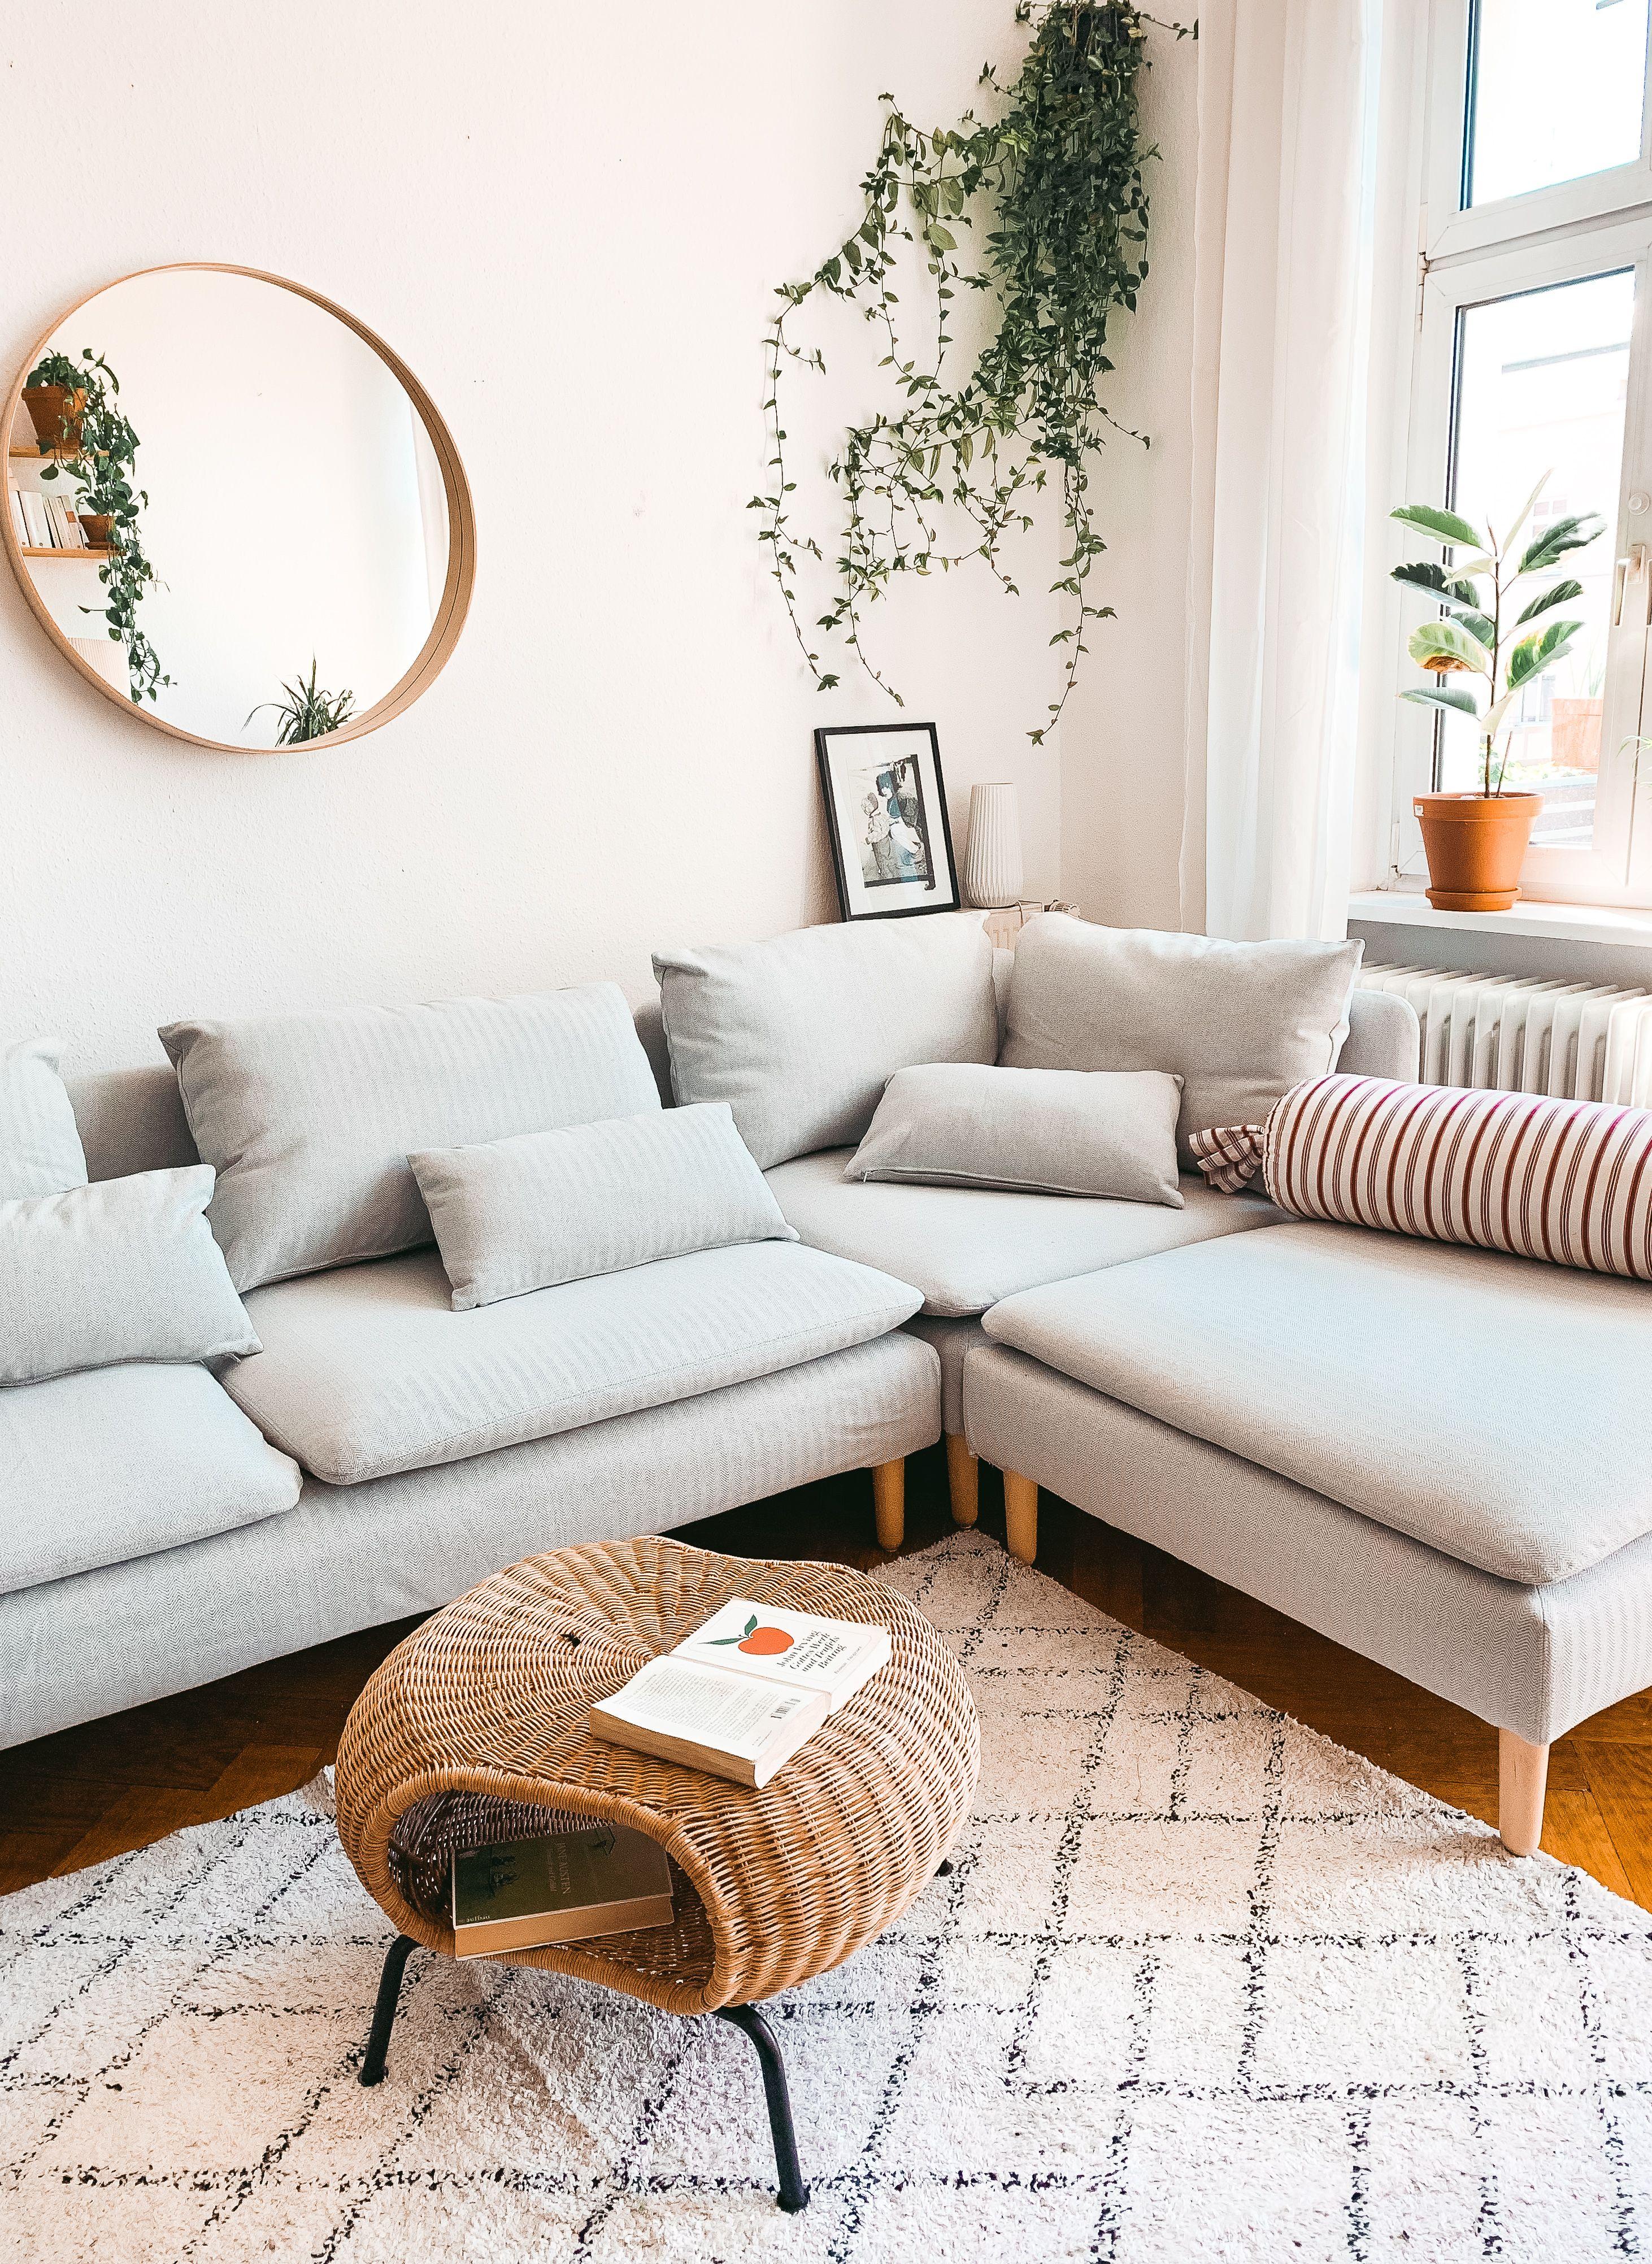 Deko-Tipps zum Wohlfühl-Wohnen  Wohungsdekoration, Wohnzimmer